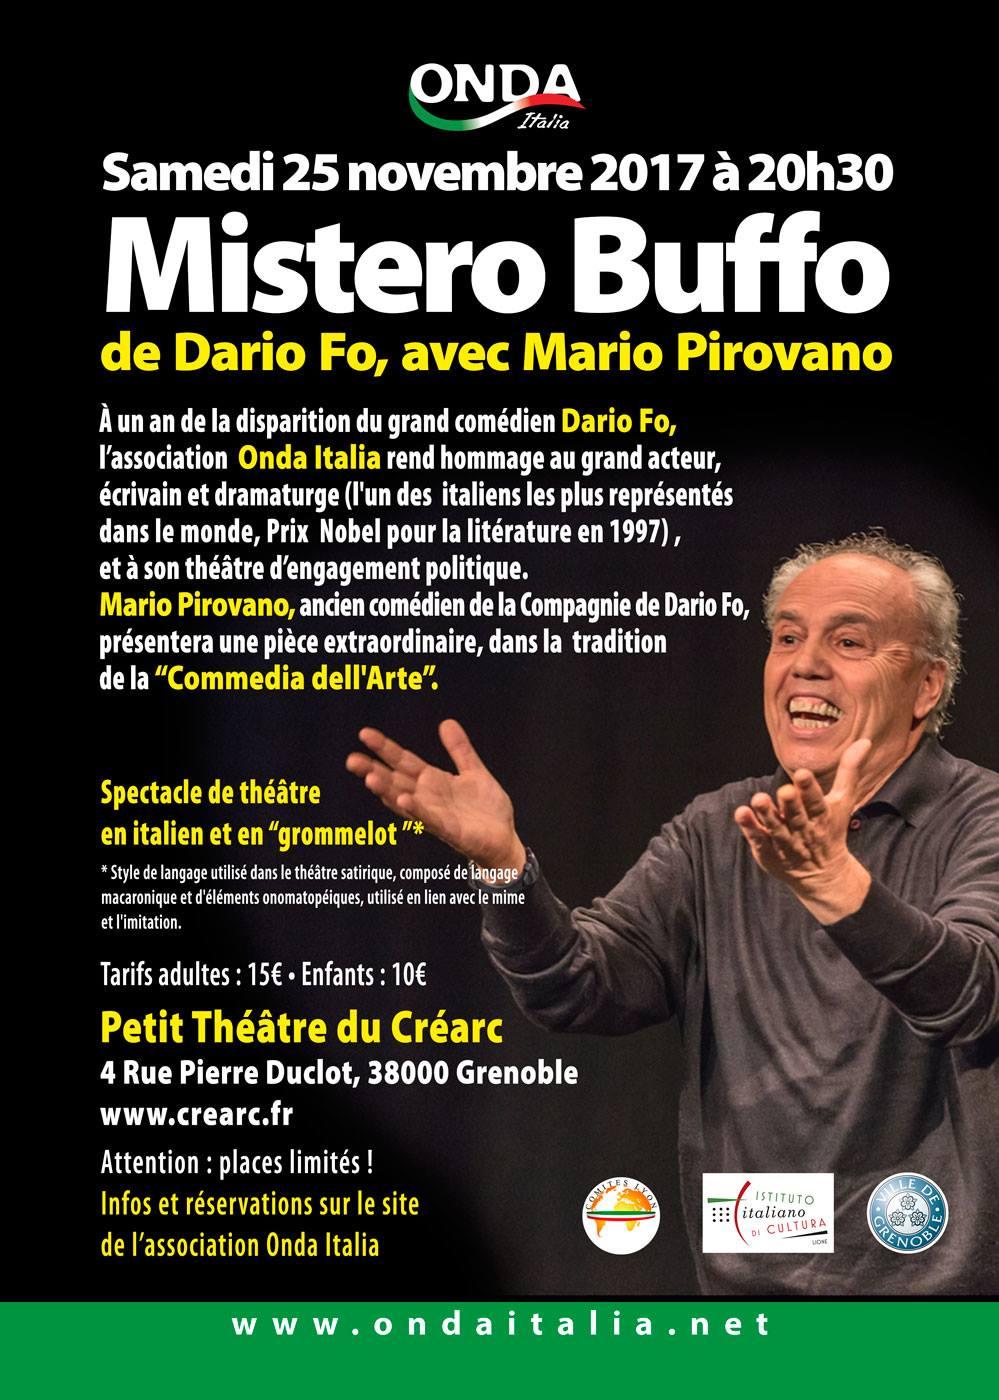 Mario Pirovano Mistero Buffo Dario Fo Troina Sicilia